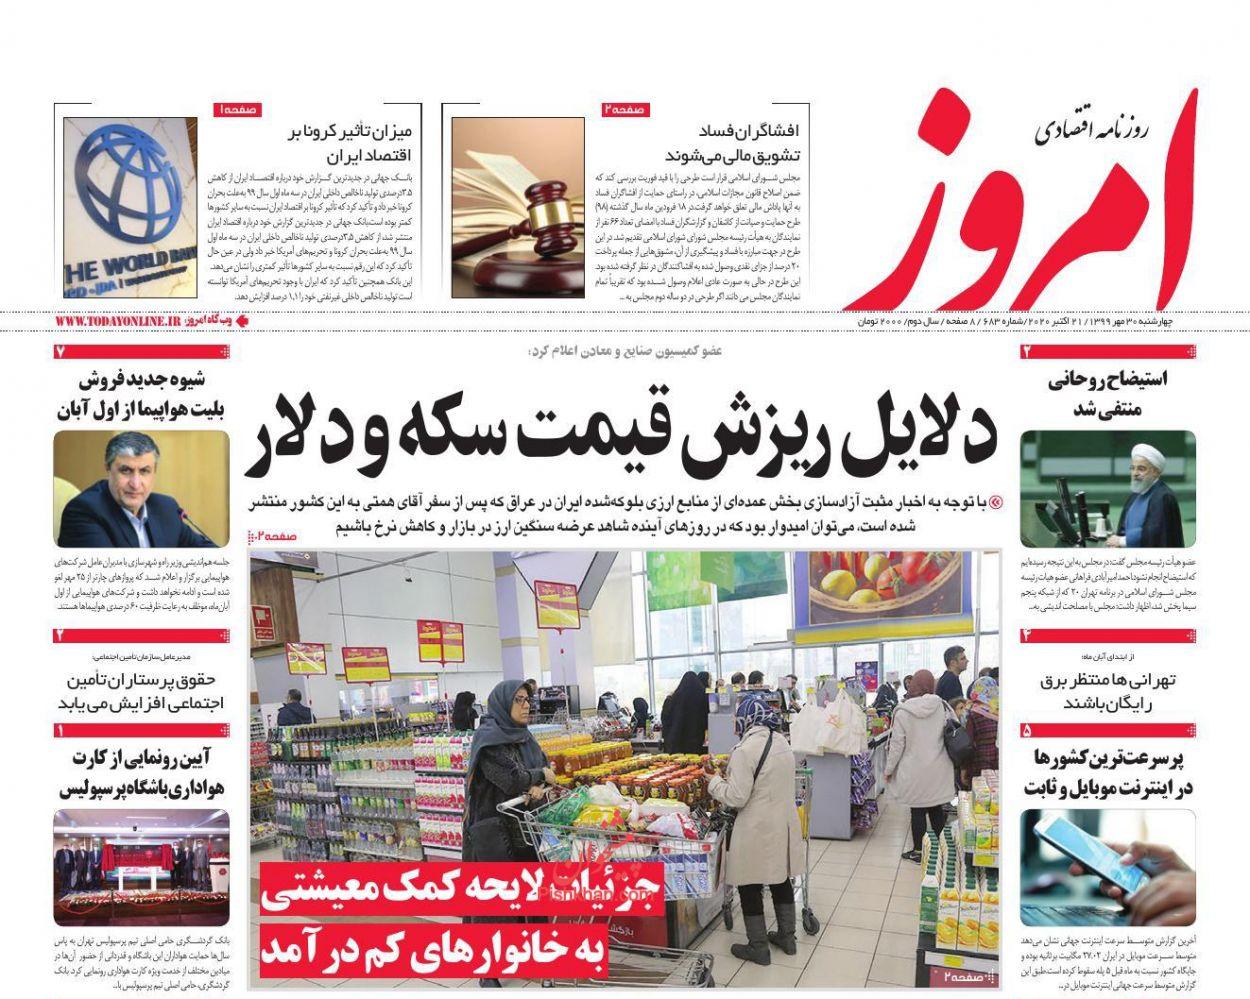 عناوین اخبار روزنامه امروز در روز چهارشنبه ۳۰ مهر